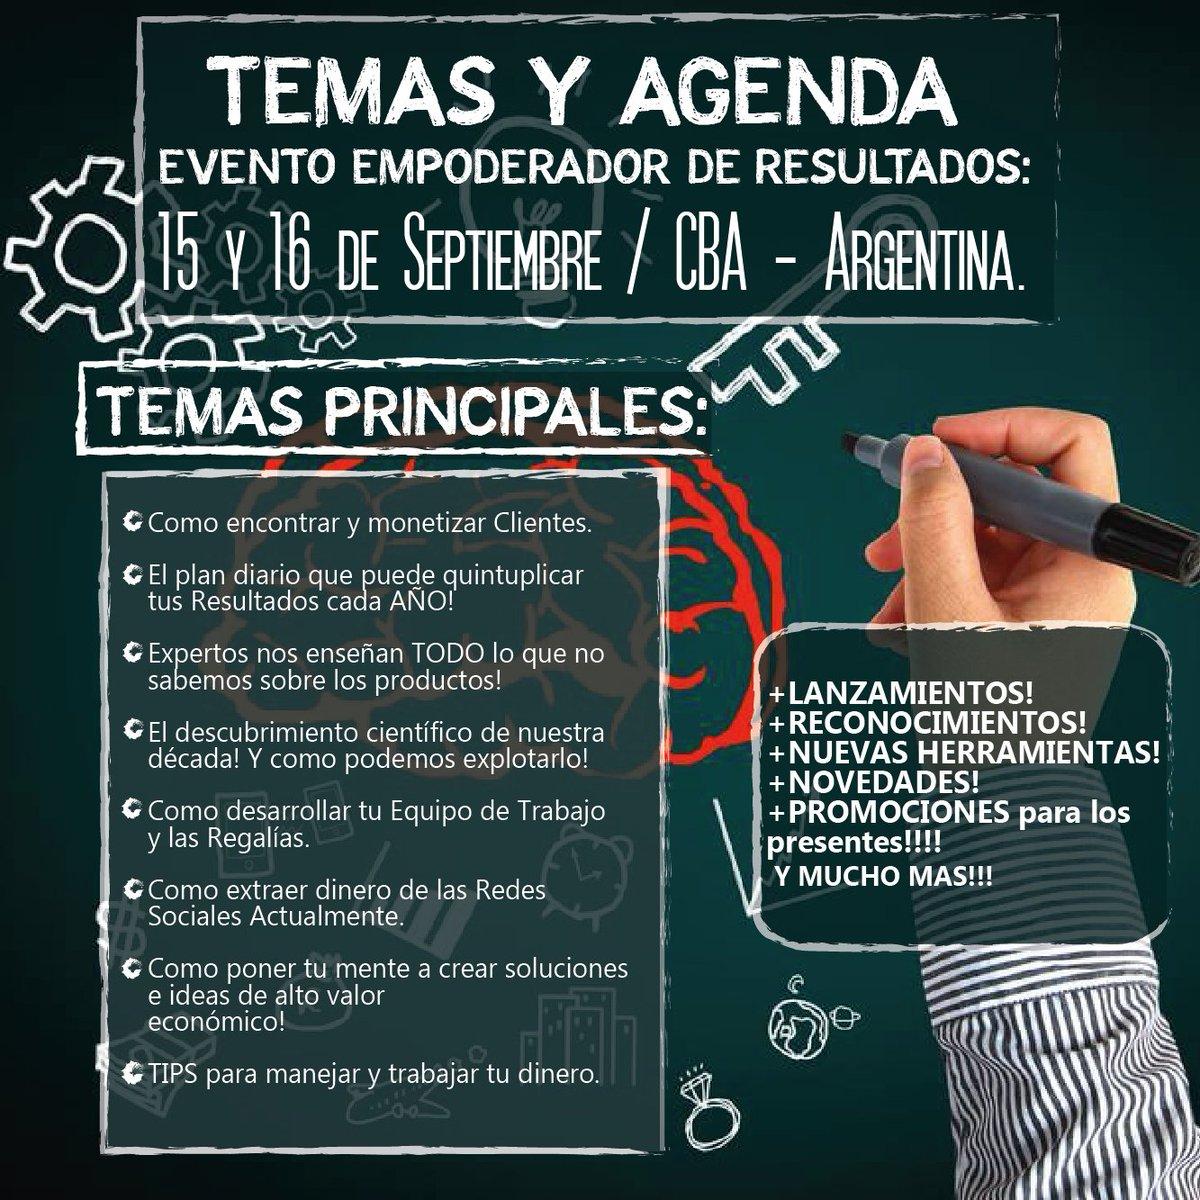 TEMAS Y AGENDA  EVENTO EMPODERADOR DE RESULTADOS: 15 Y 16 de Septiembre / CBA - Argentina. https://t.co/XezAglmQa9